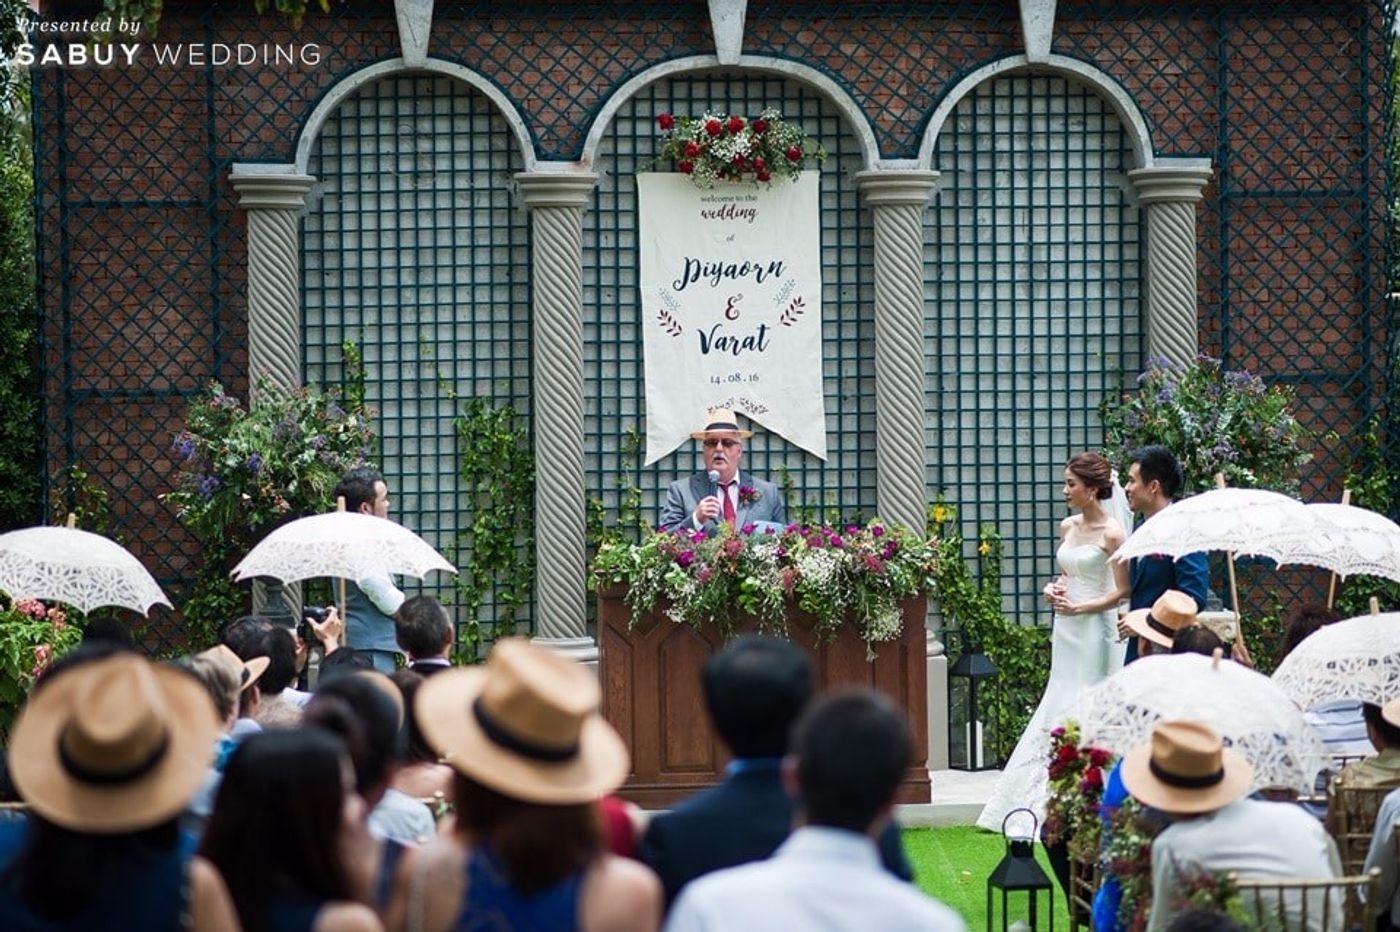 พิธีแต่งงาน,งานแต่งงาน,งานแต่ง outdoor,งานแต่งในสวน,บ่าวสาว,ตกแต่งงานแต่ง,backdrop งานแต่ง รีวิวงานแต่งสุดเก๋ สไตล์ยุโรป @The Apothecary Venue